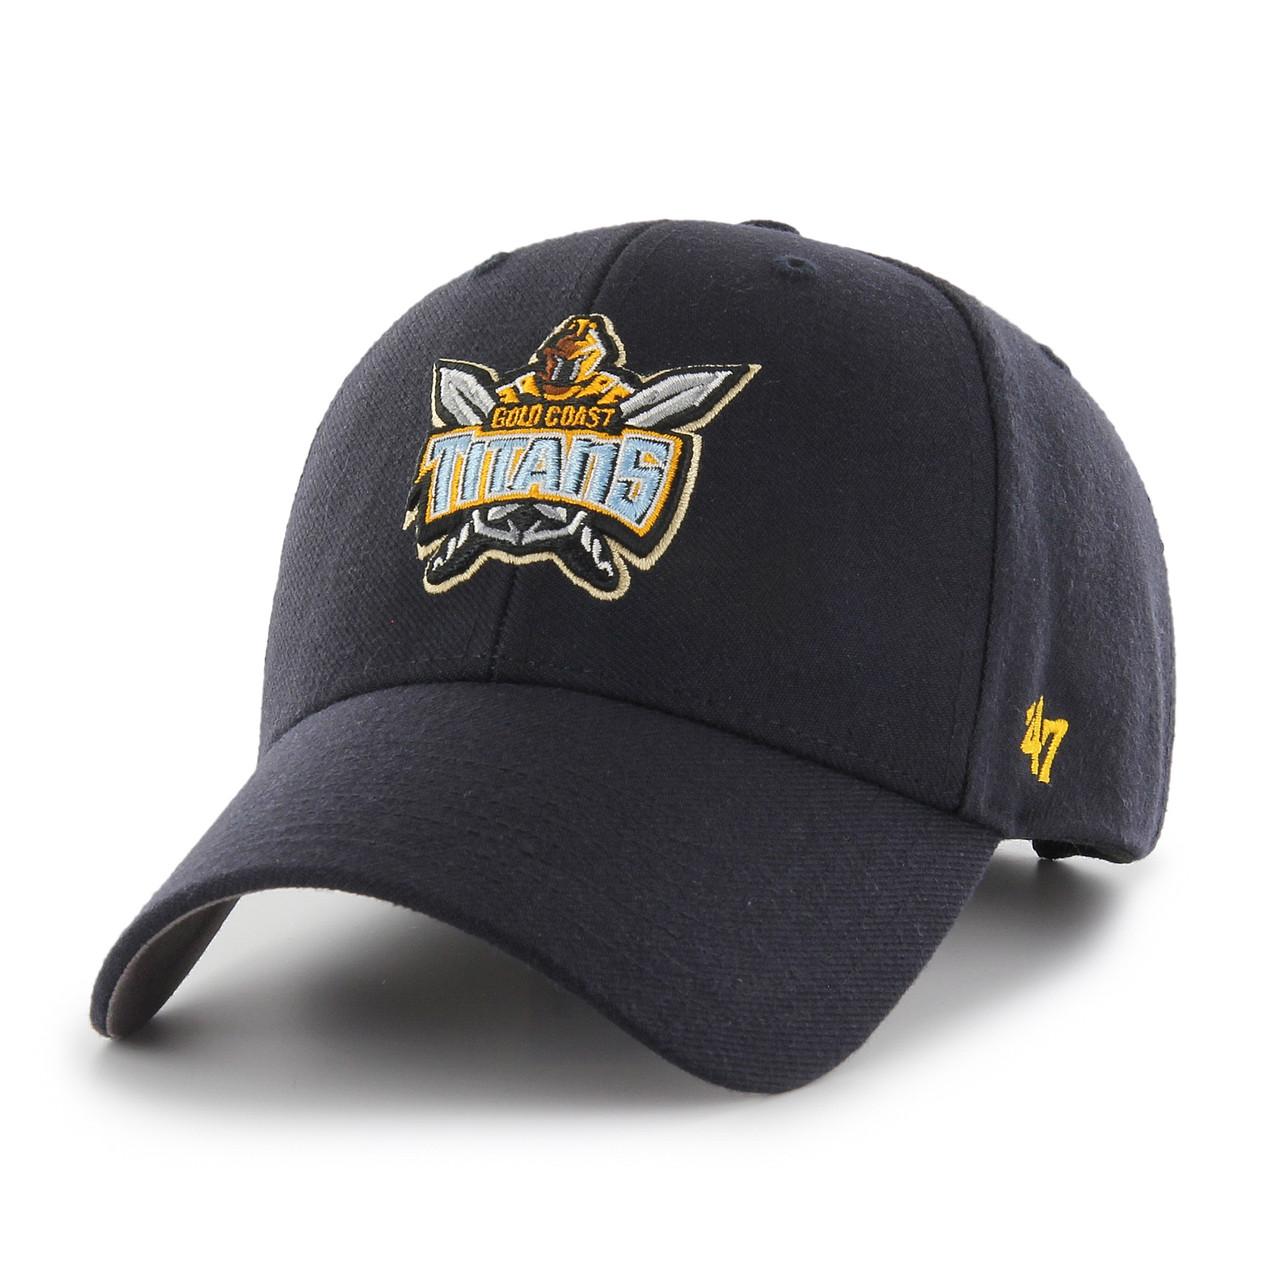 47 gold coast mvp cap fancaps